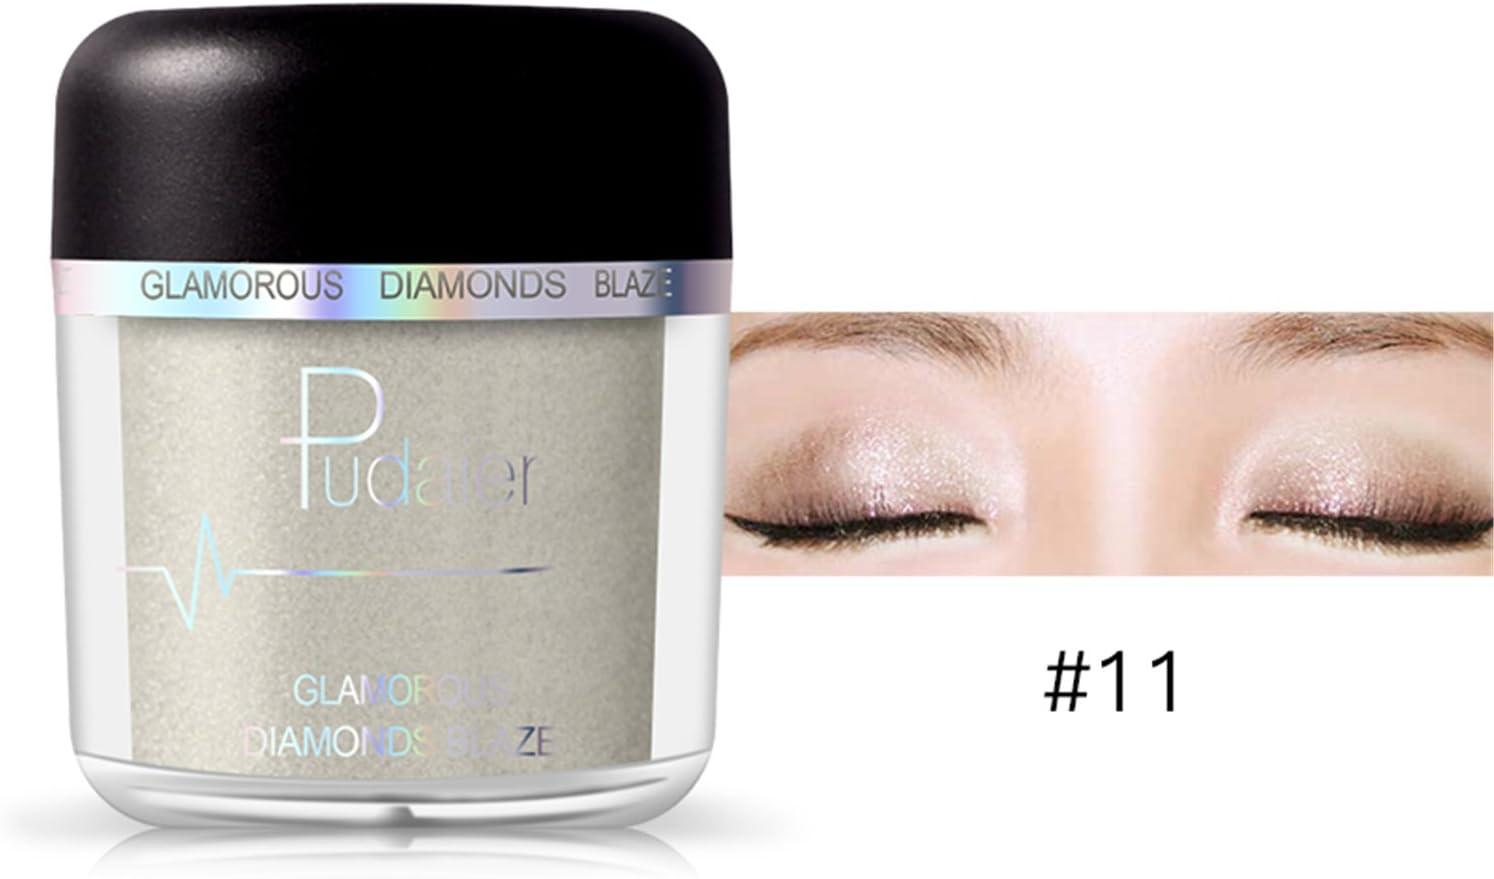 Pure Vie 1 Color Sombra De Ojos Paleta Brillo Polvo Metálico de Maquillaje Cosmética - Perfecto para Profesional y Diario #11